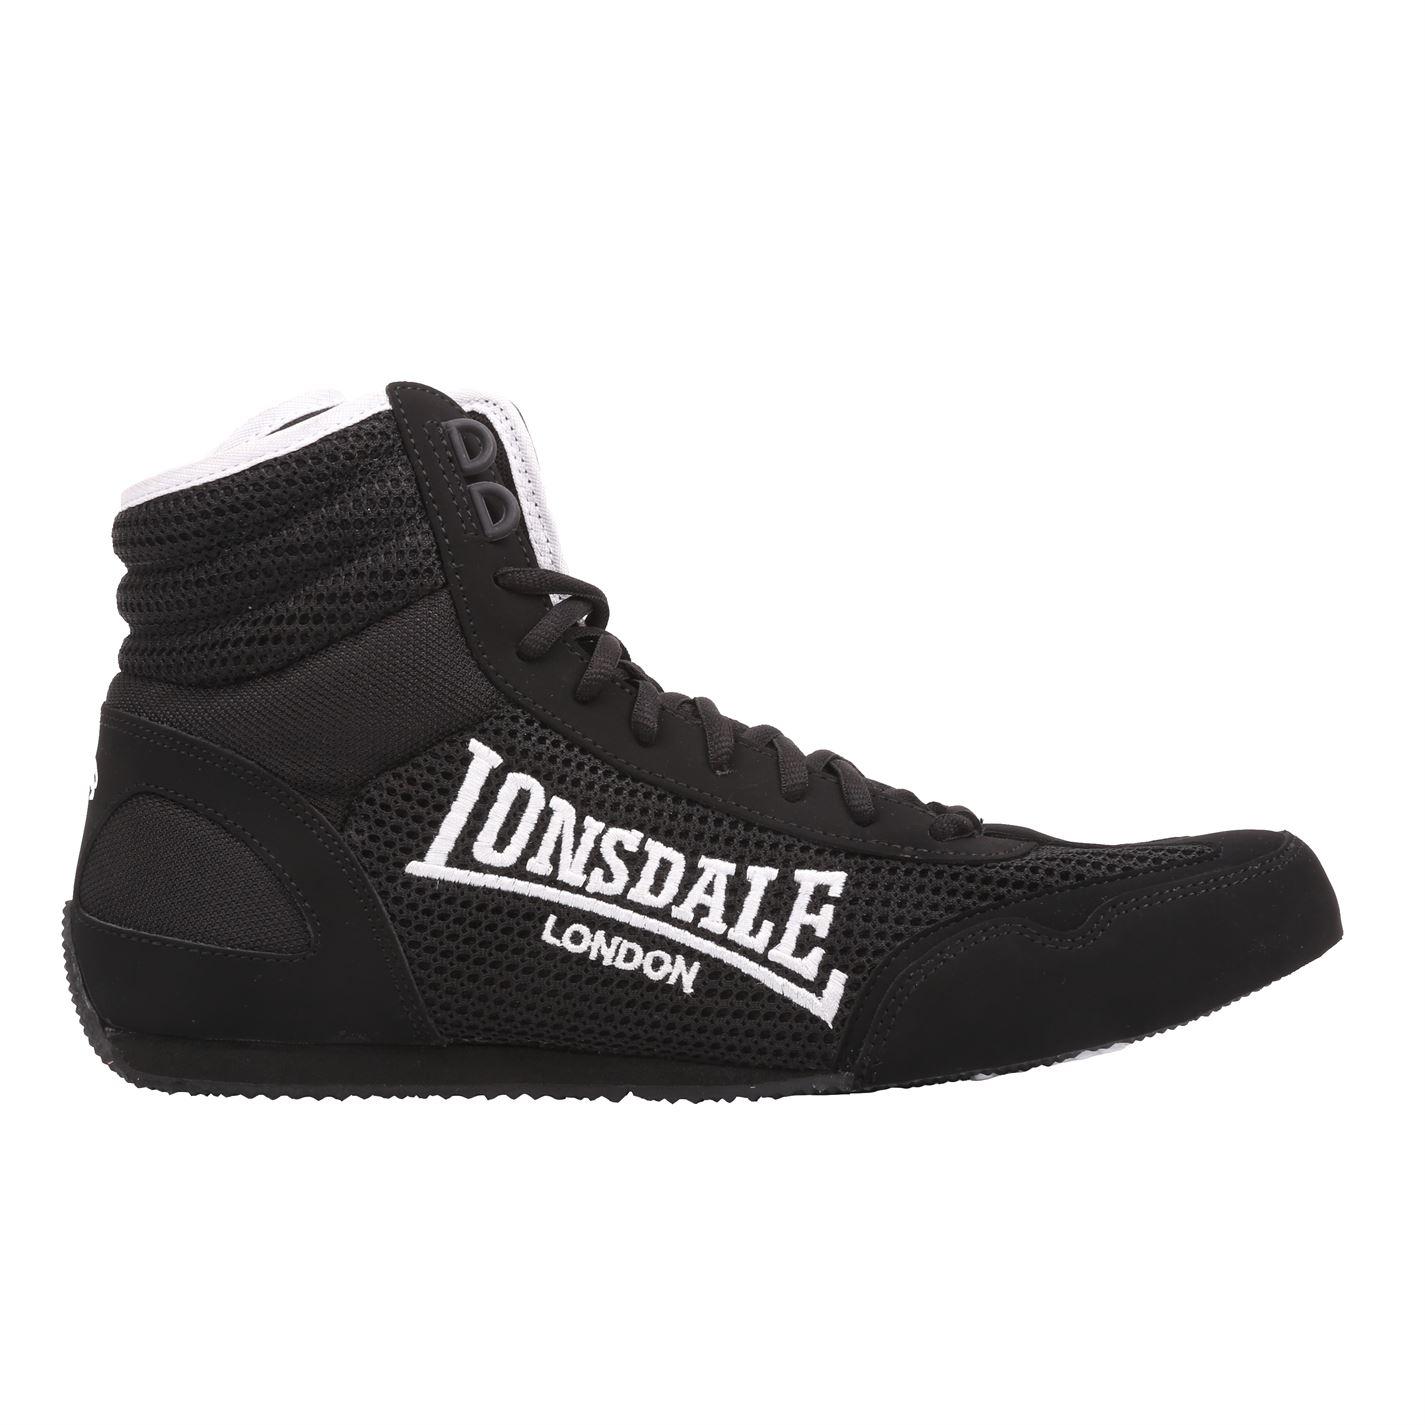 Lonsdale Contender pánske topánky na boxovanie